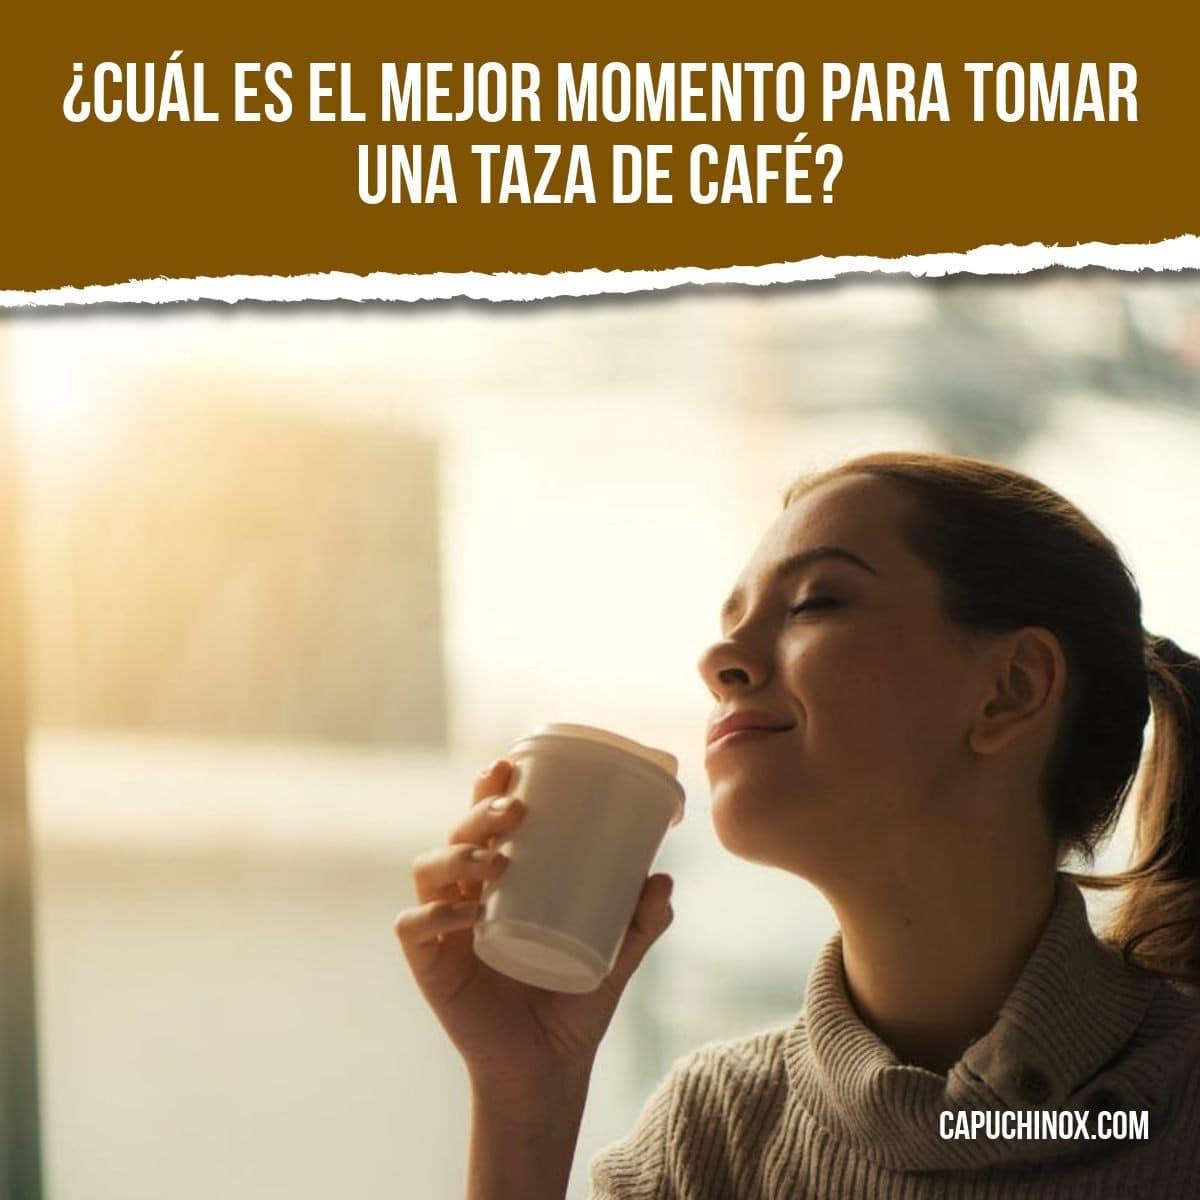 ¿Cuál es la mejor hora para tomar café? El café, la melatonina y el sueño